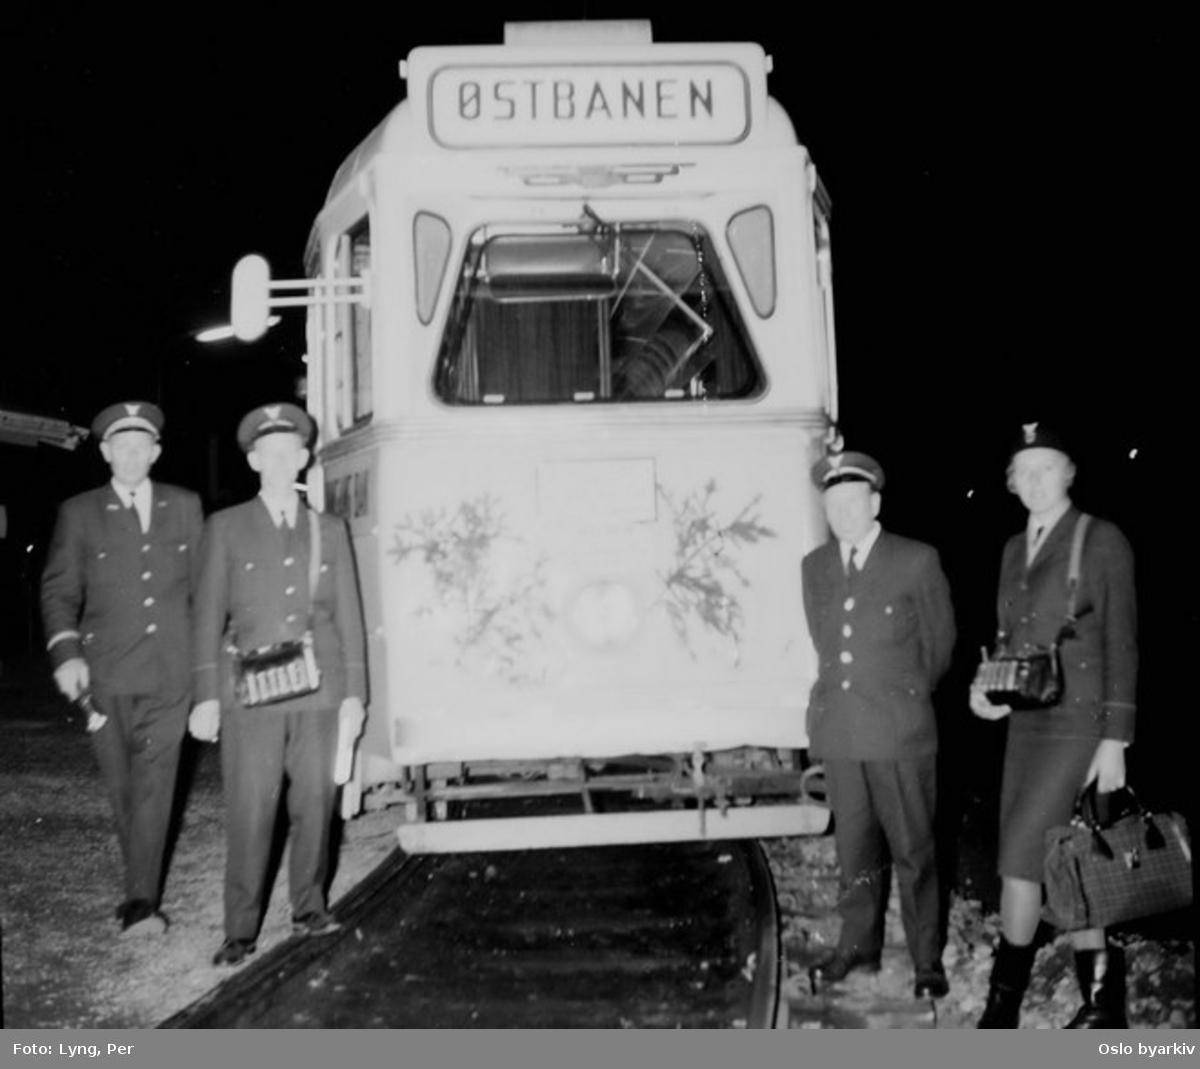 """Oslo Sporveier. Bølertrikken, trikk motorvogn 252 type Høka MBO på linje 3, Bøler-Østbanen. Aller siste trikk er klar for avgang på Østensjøbanen natta mellom 27. og 28. oktober 1967. Vognbetjeningen poserer foran trikken. Kontrollør med lommelykt skal se til at """"alt går riktig for seg"""". (T-banedrift til Skullerud senere samme år.)"""